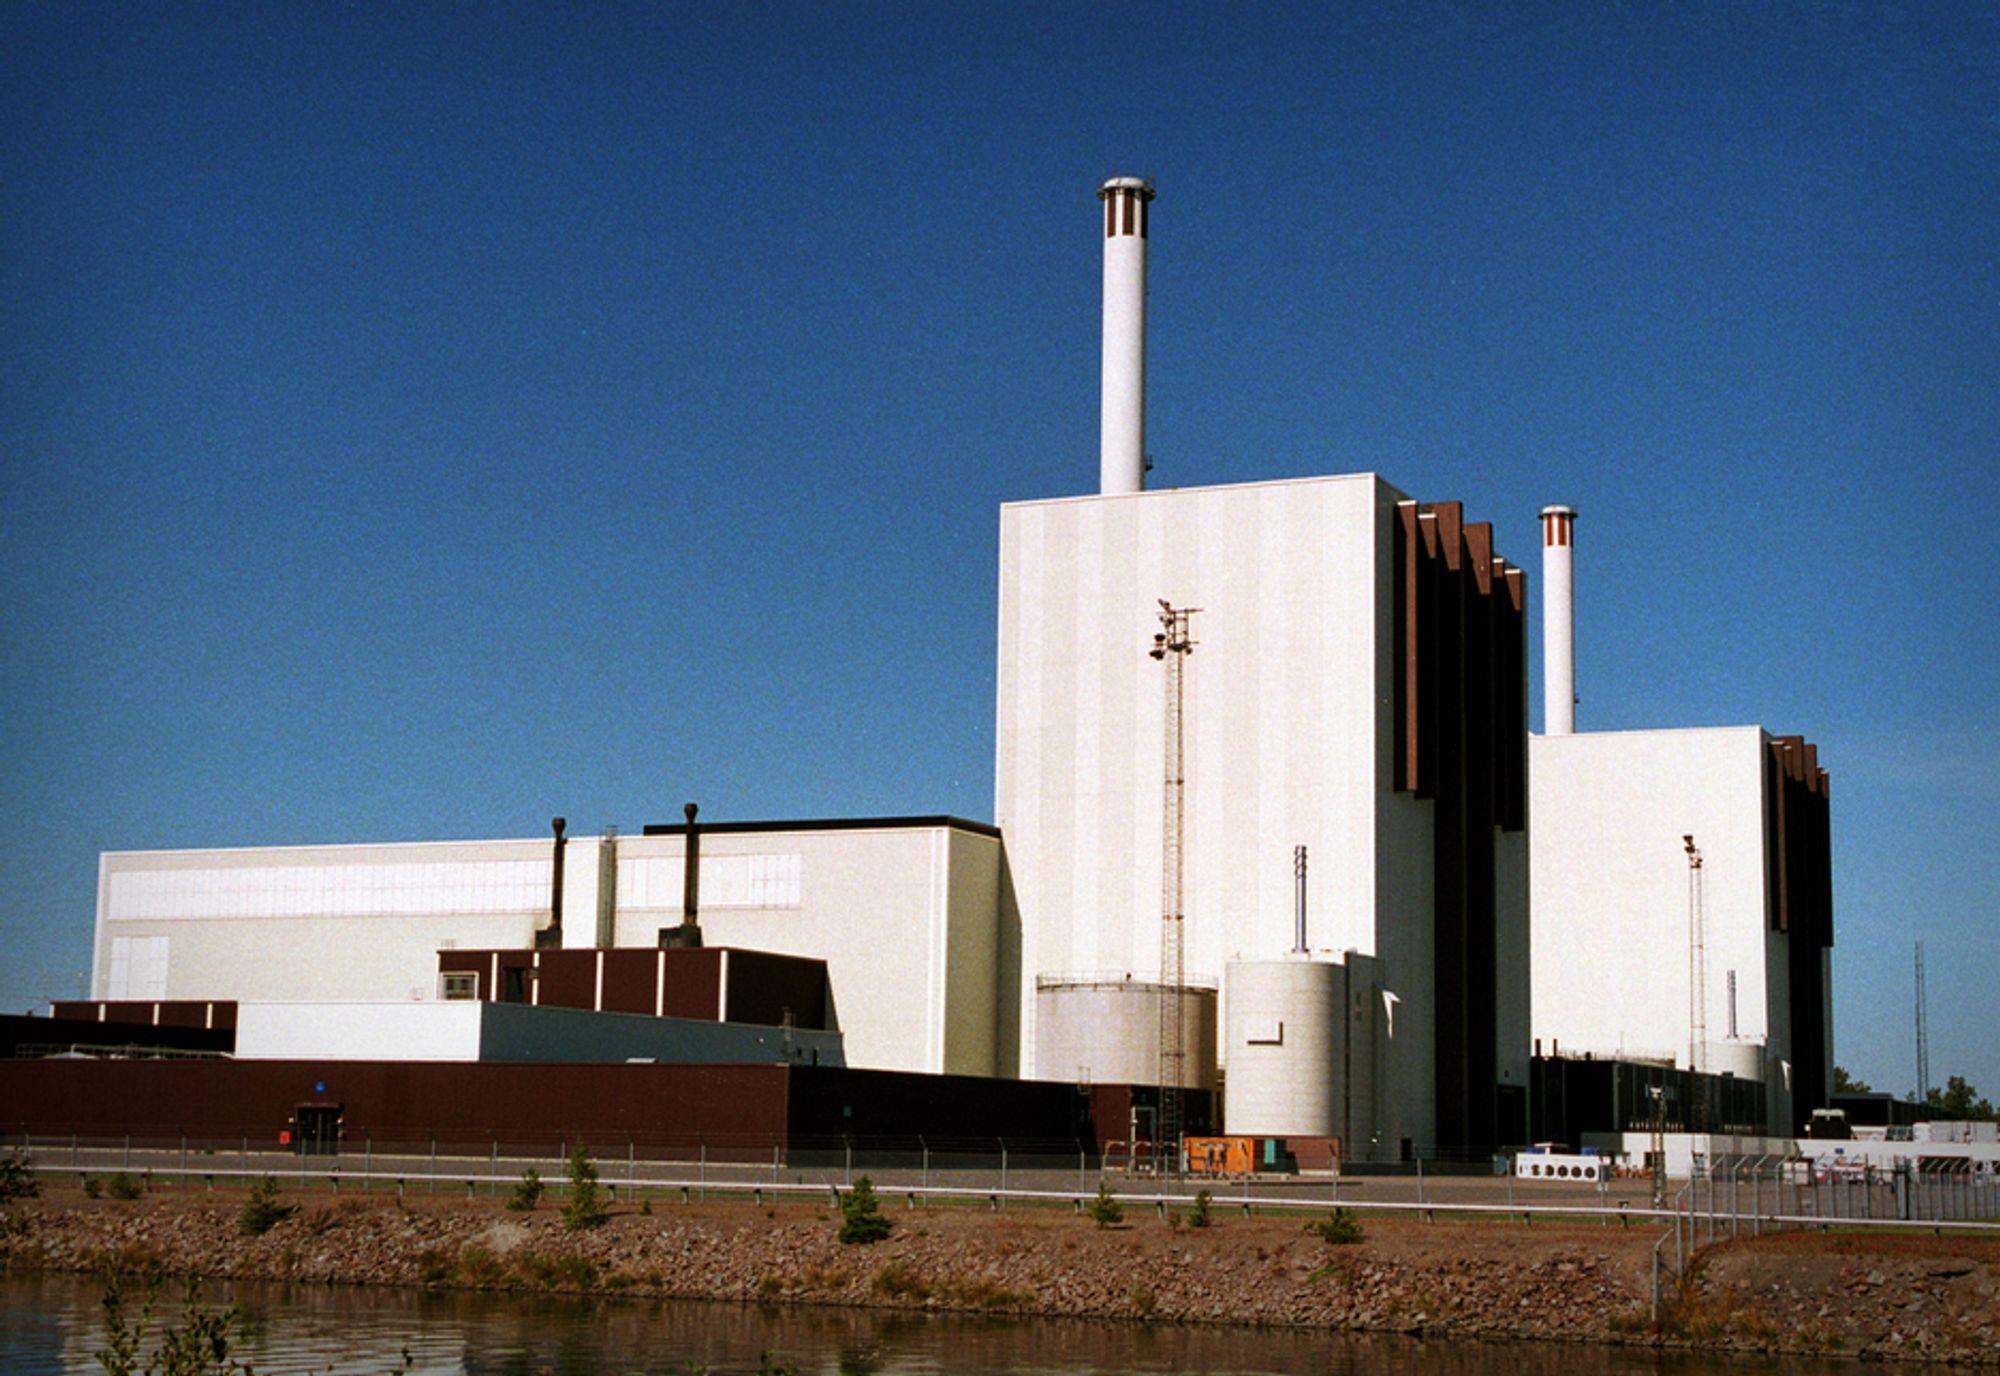 FORSMARK: Kjernekraftverket Forsmark har tre reaktorer. Forsmark 1 og 2 er i prinsipp like, mens Forsmark 3 er av ny type. De tre reaktorene har en sammenlagt effekt på nær 3090 MW.FOTO: HANS BLOMBERG